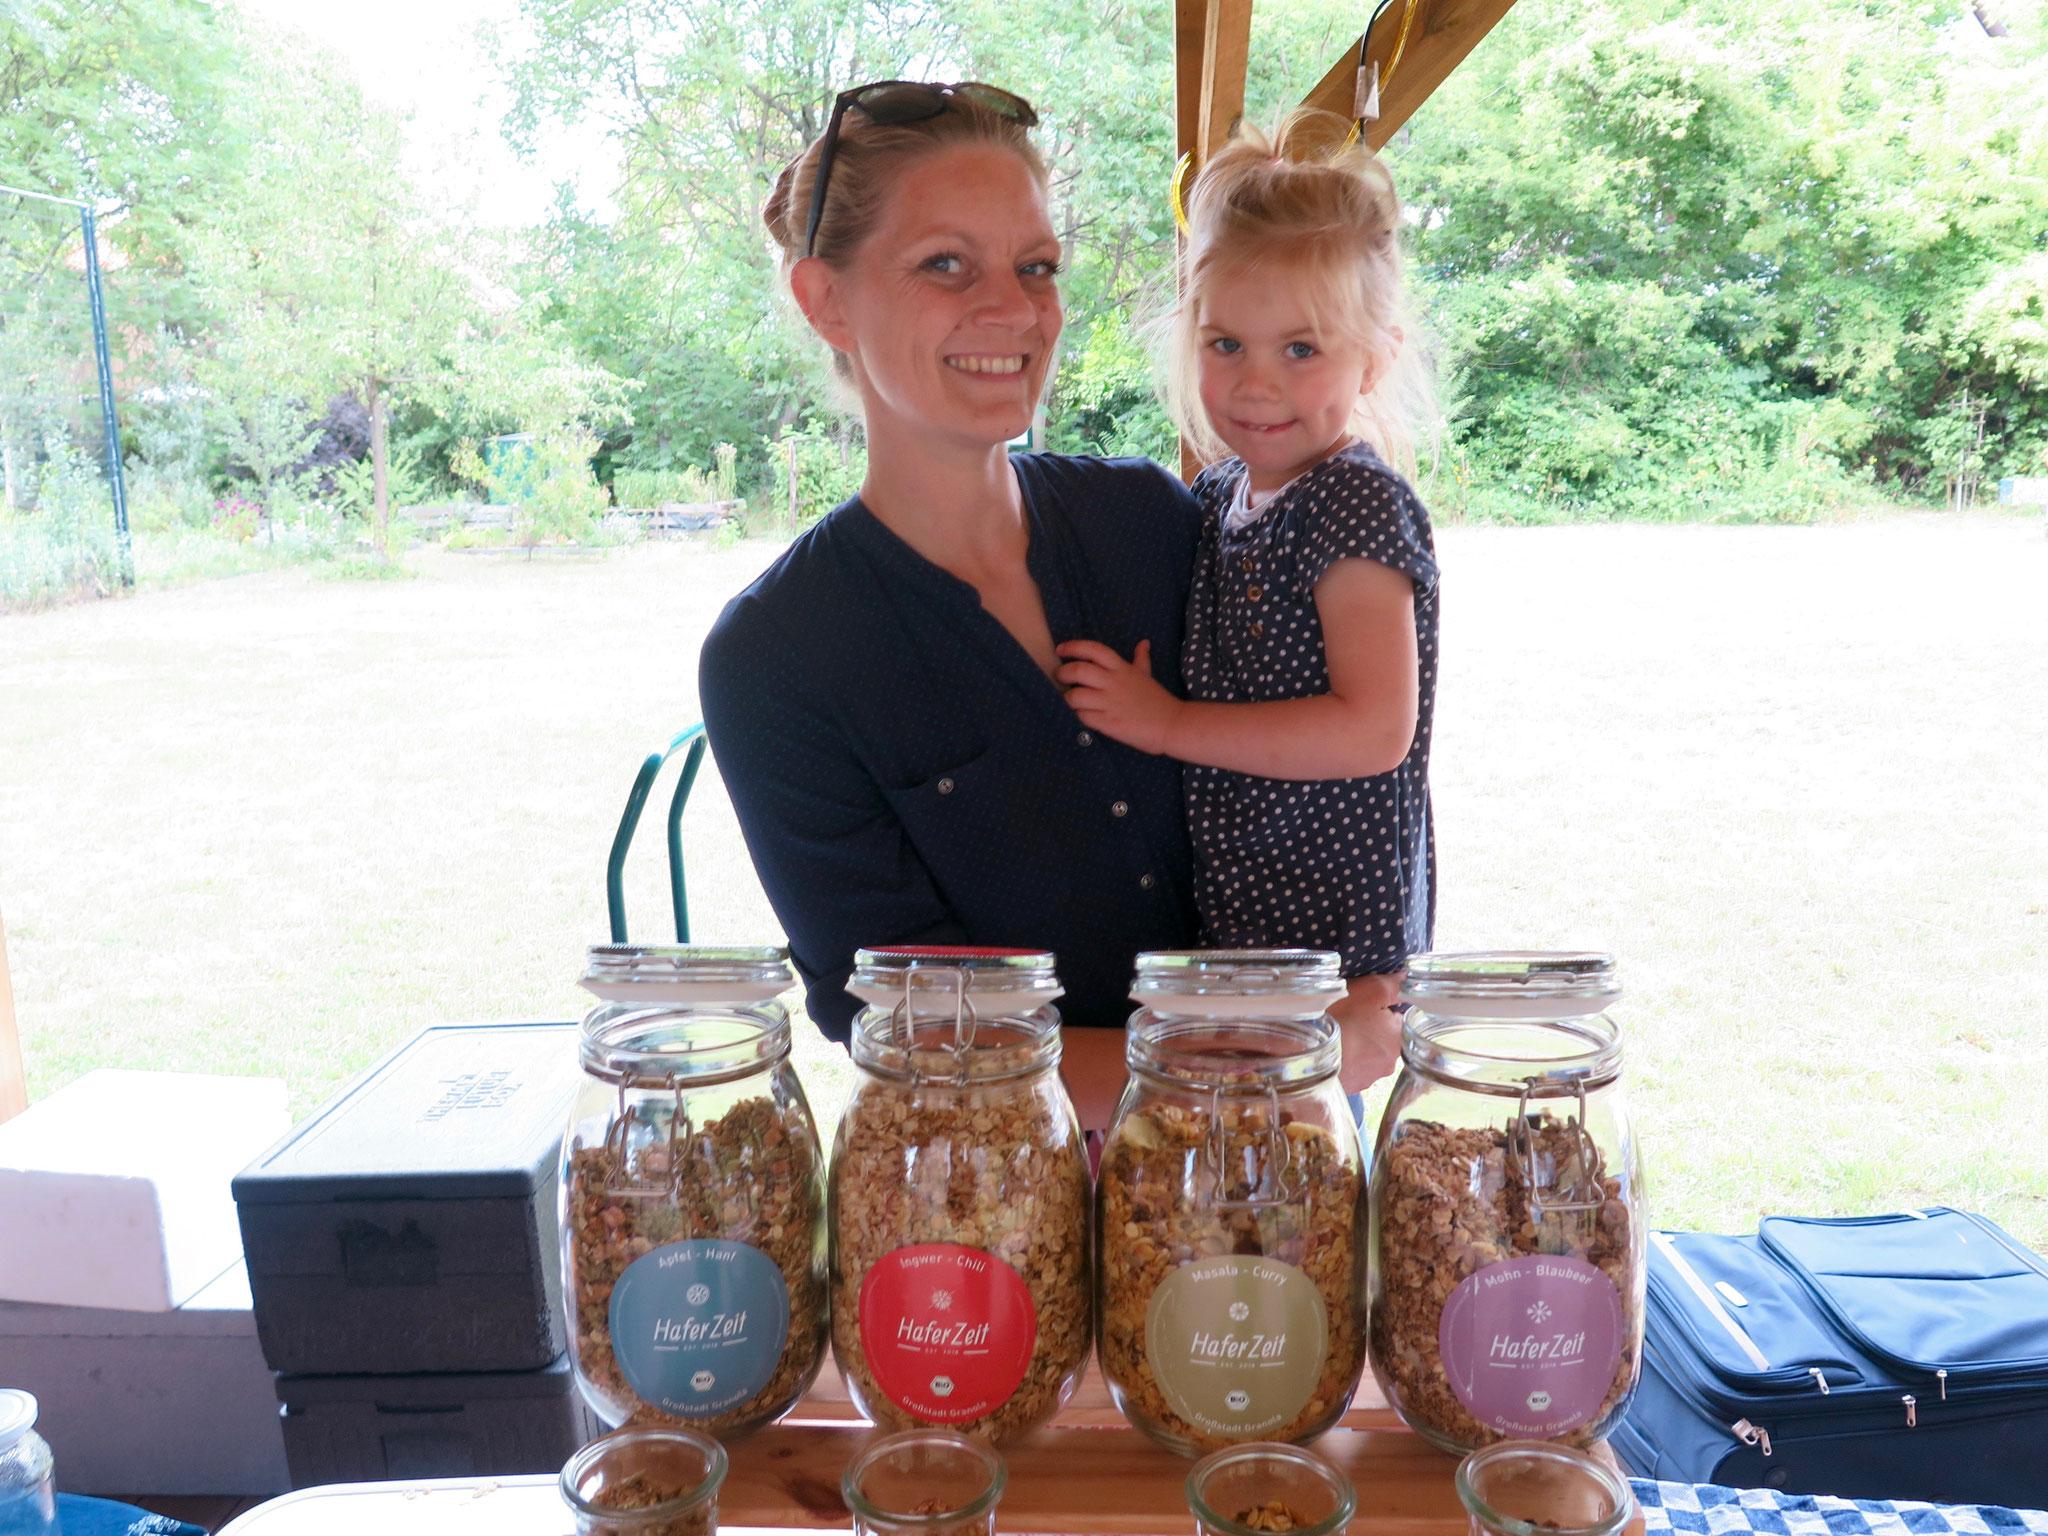 Anna-Sophie Stiegemann stellt hochwertiges Müsli auf Haferflockenbasis mit Nüssen, Saaten, Früchten und Gewürzen her.